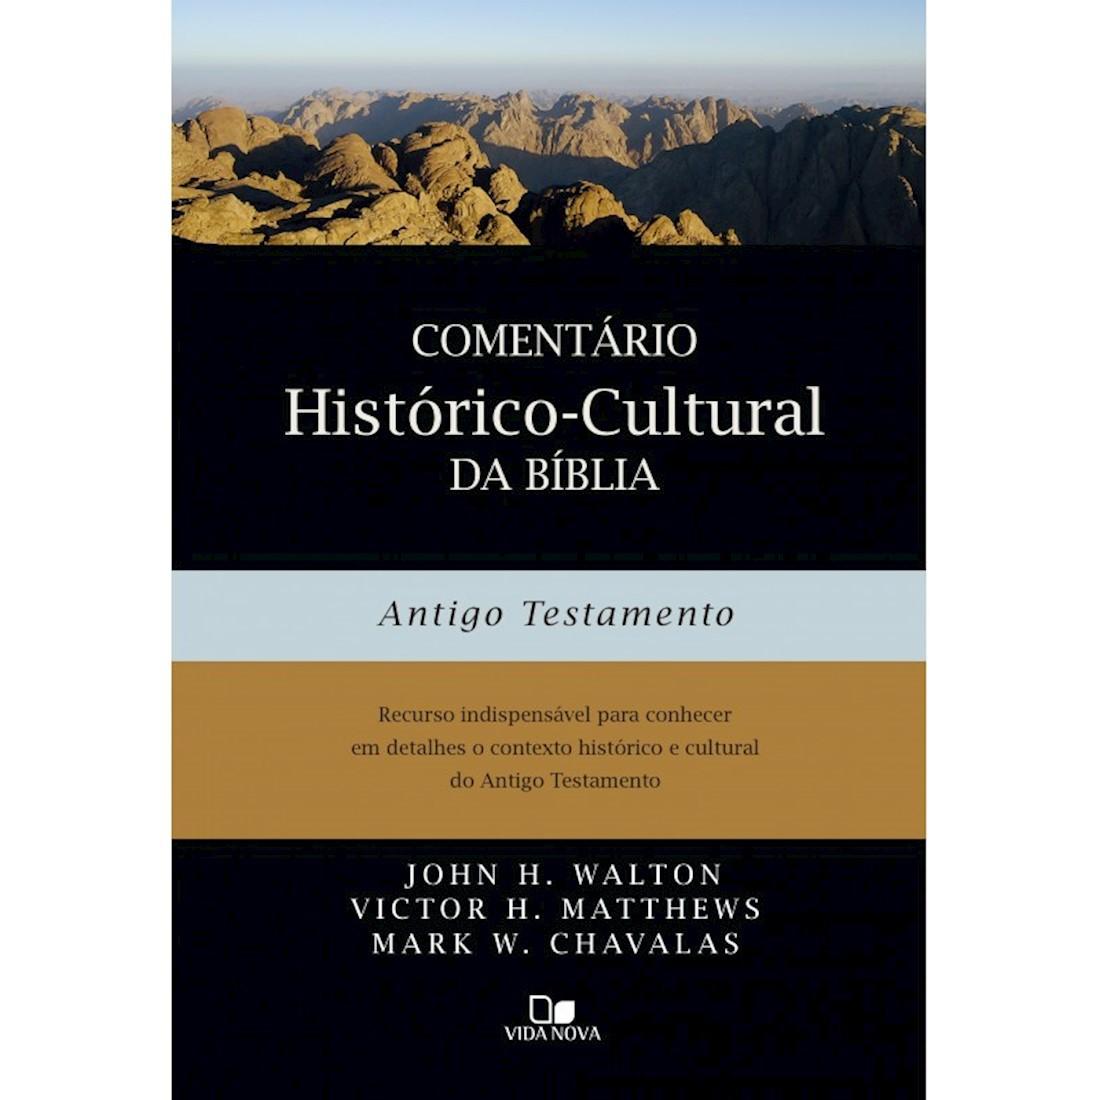 Comentário Histórico-cultural da Bíblia Antigo Testamento